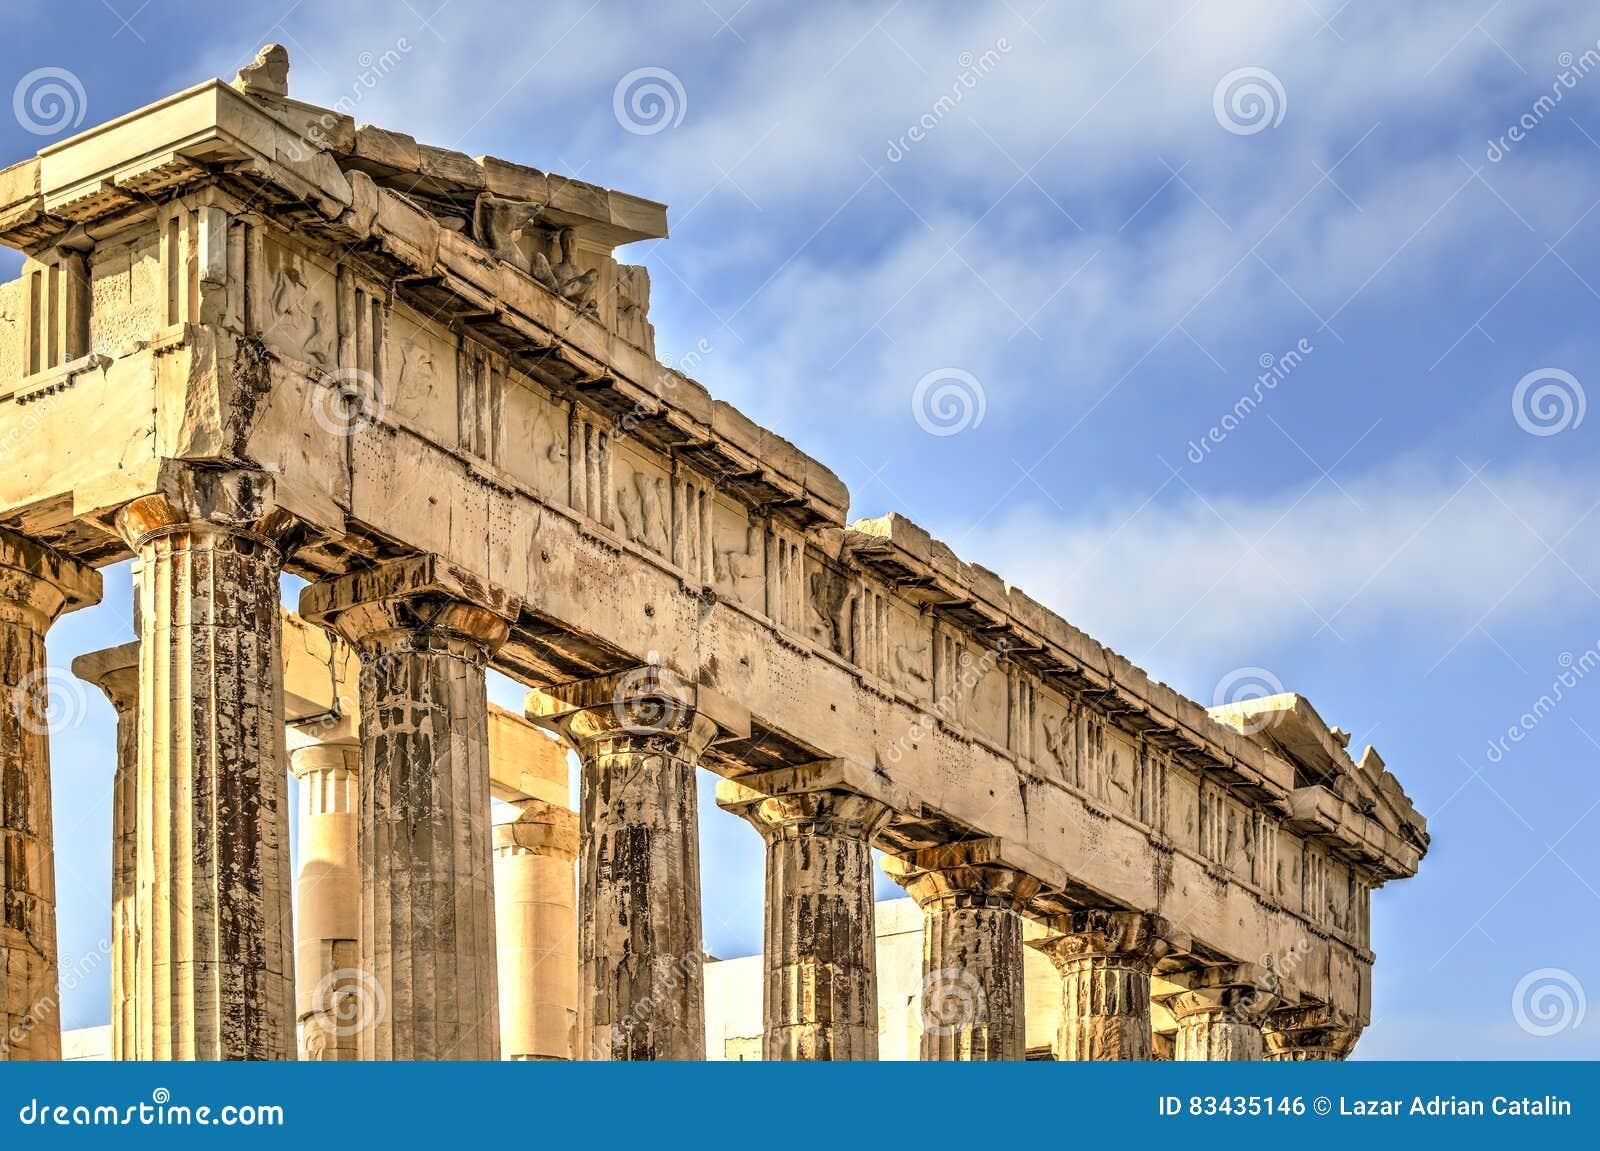 The Acropolis Parthenon in Athens, Greece